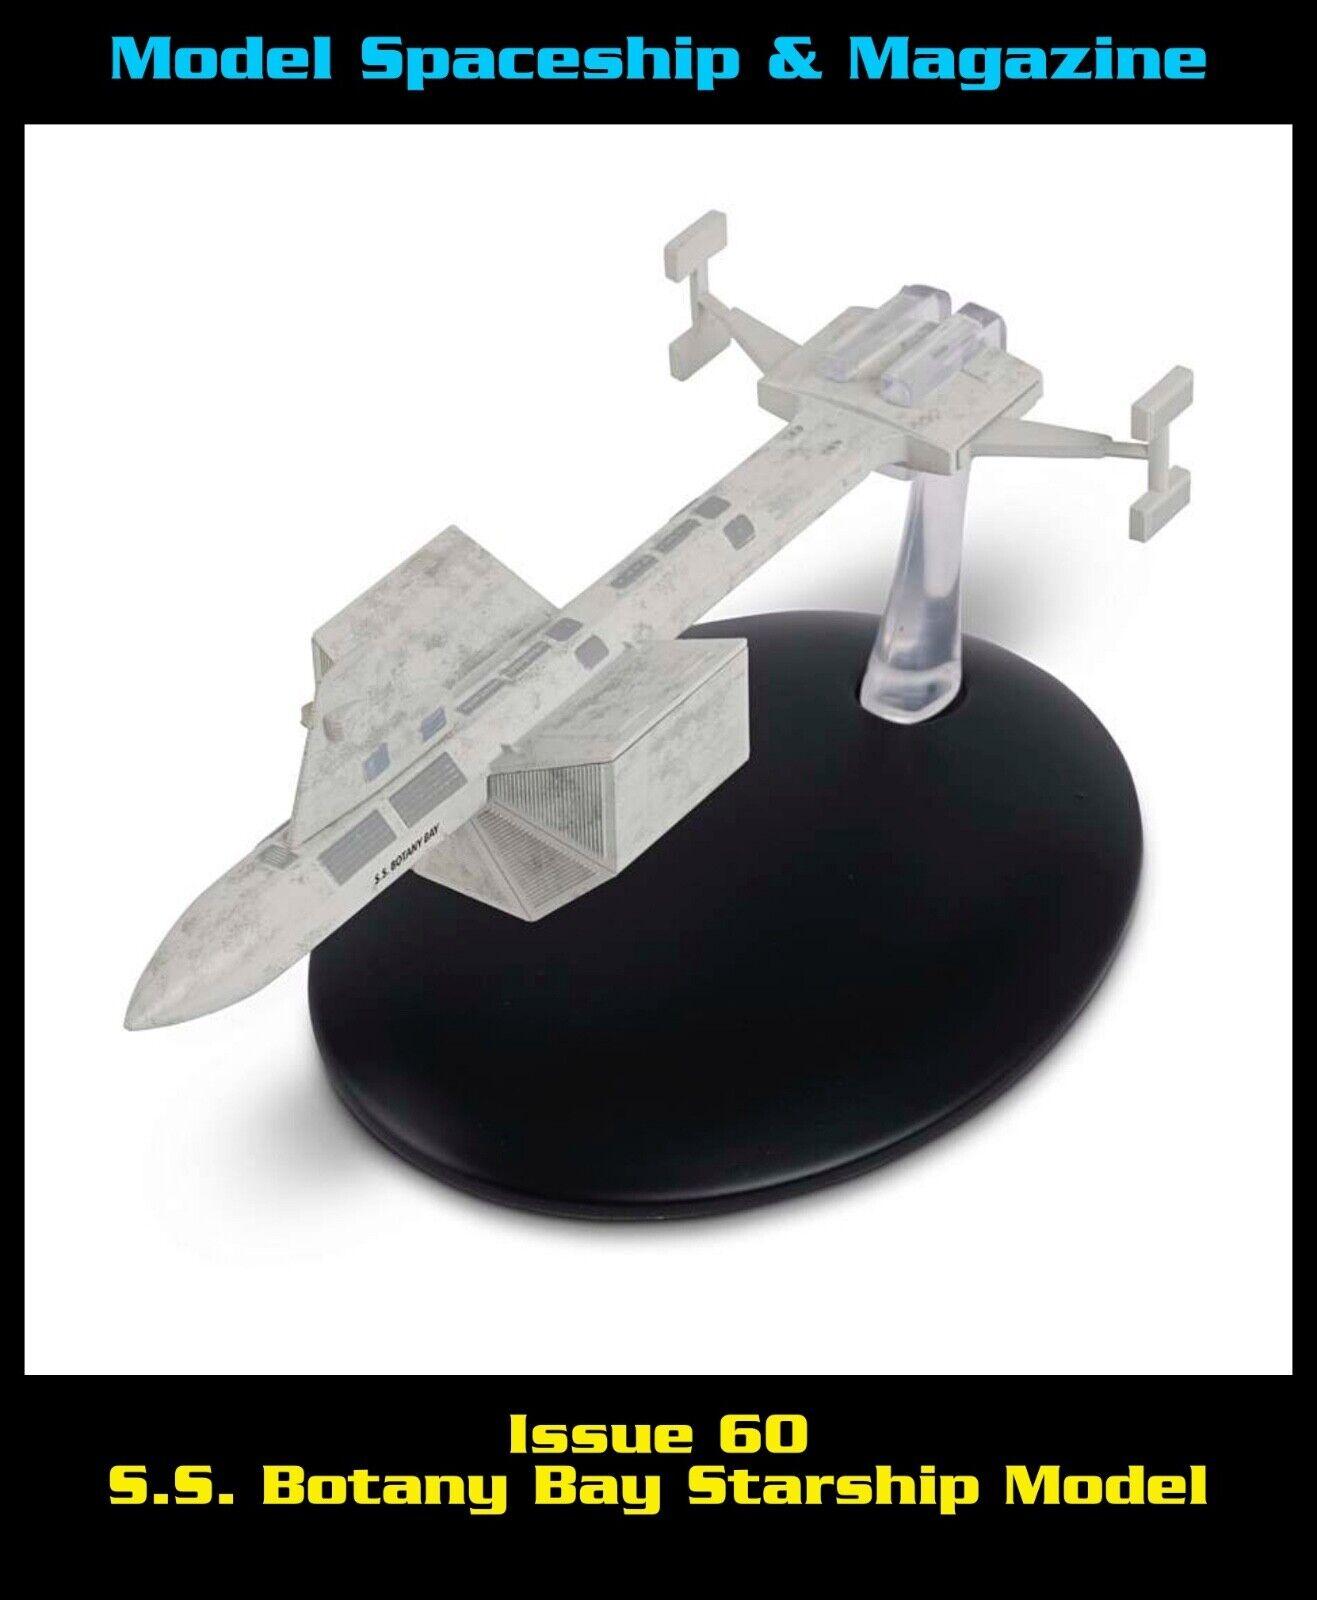 Issue 60: S.S. Botany Bay Starship Model